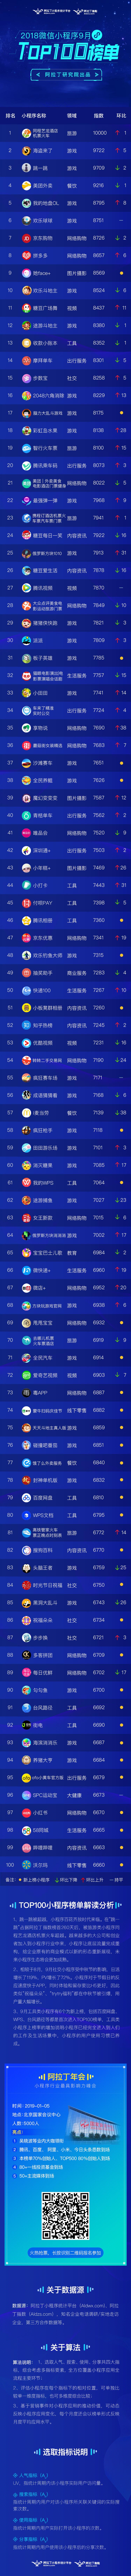 阿拉丁指数9月TOP100榜单